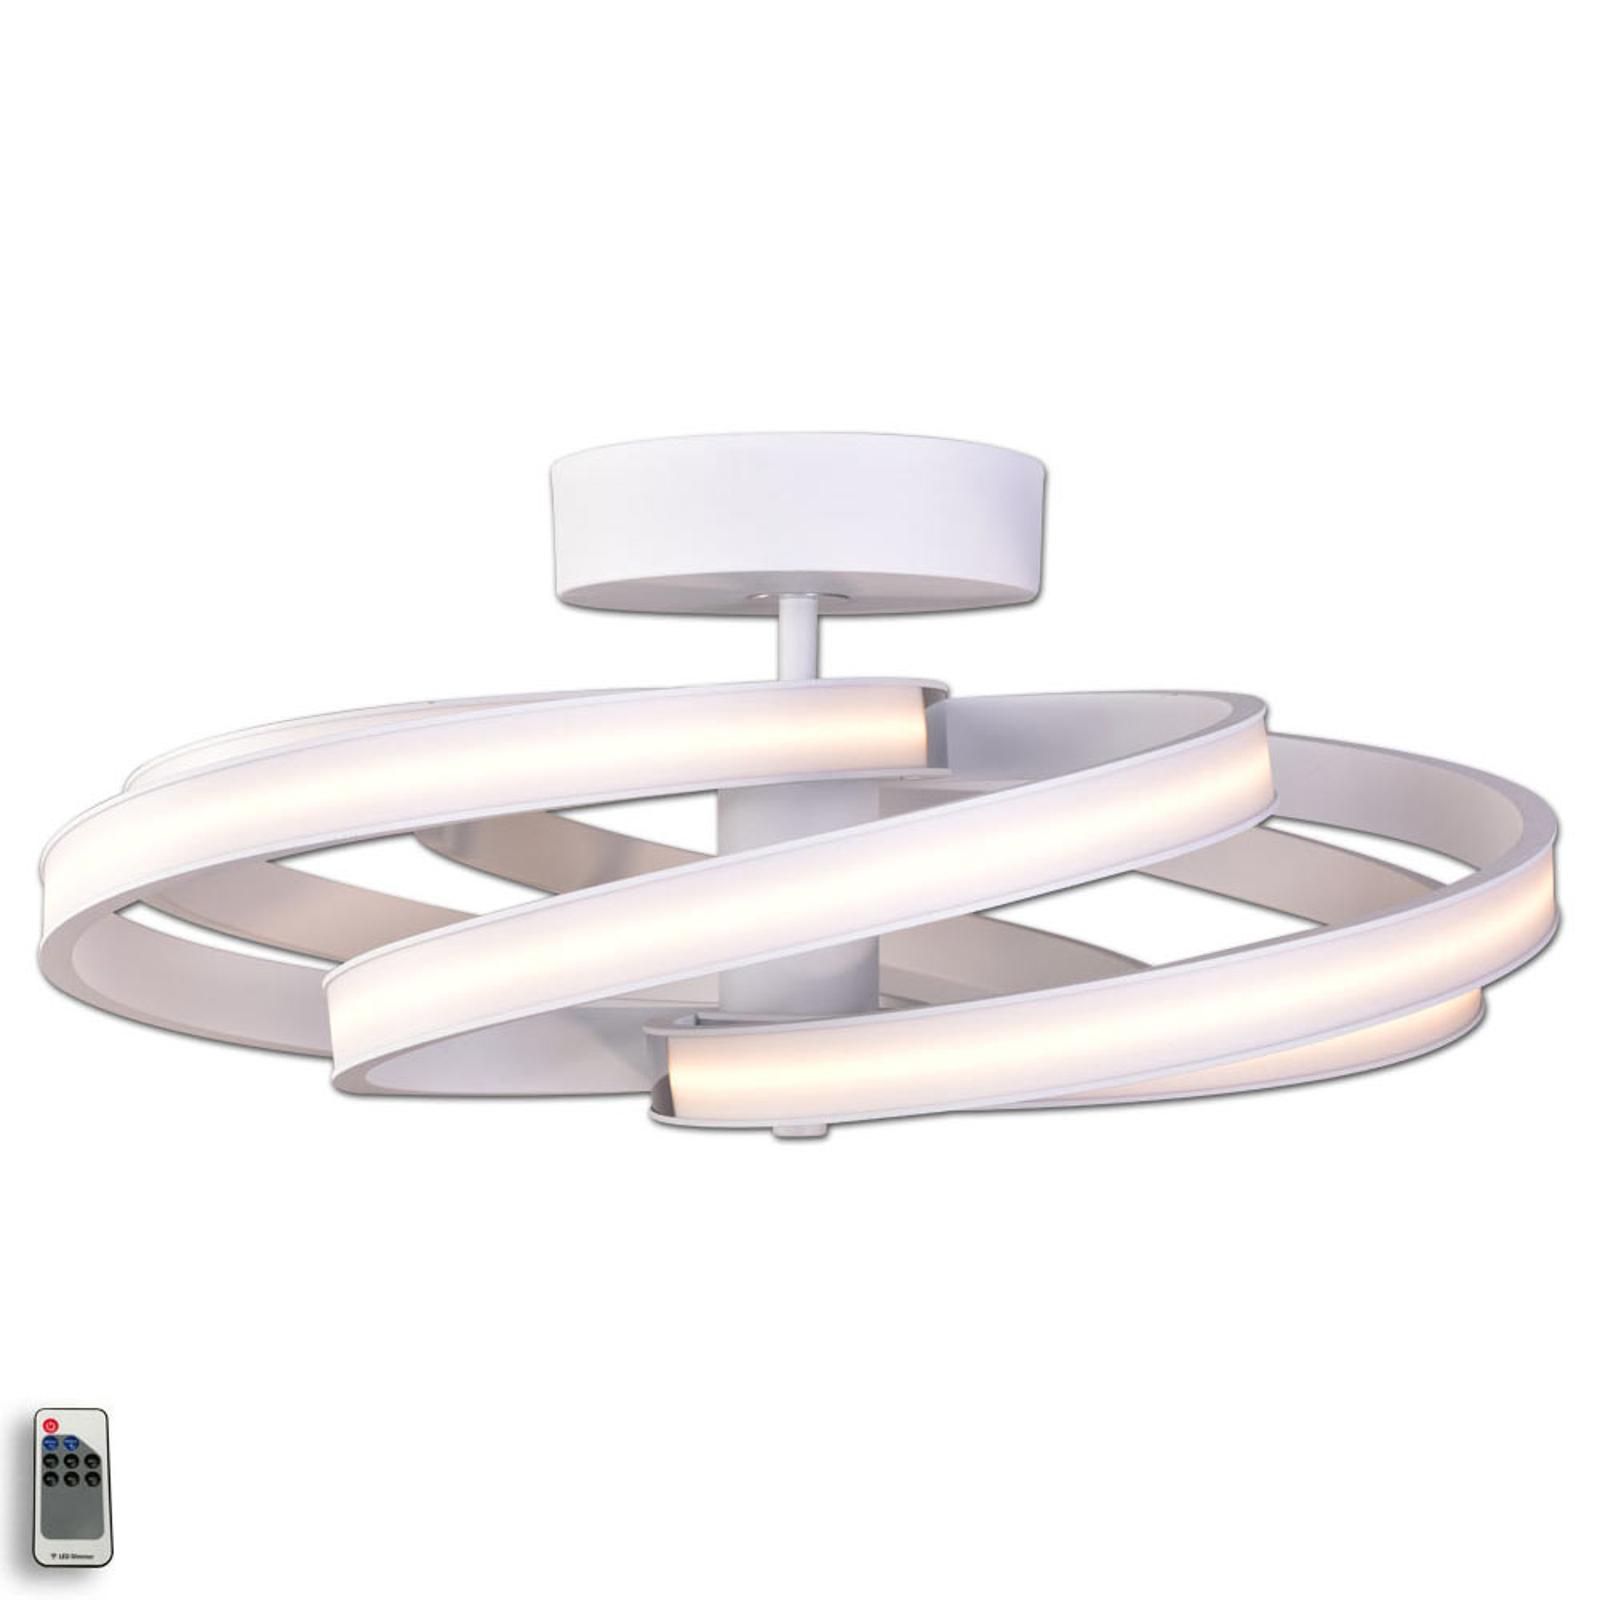 Zoya - moderne LED plafondlamp, wit